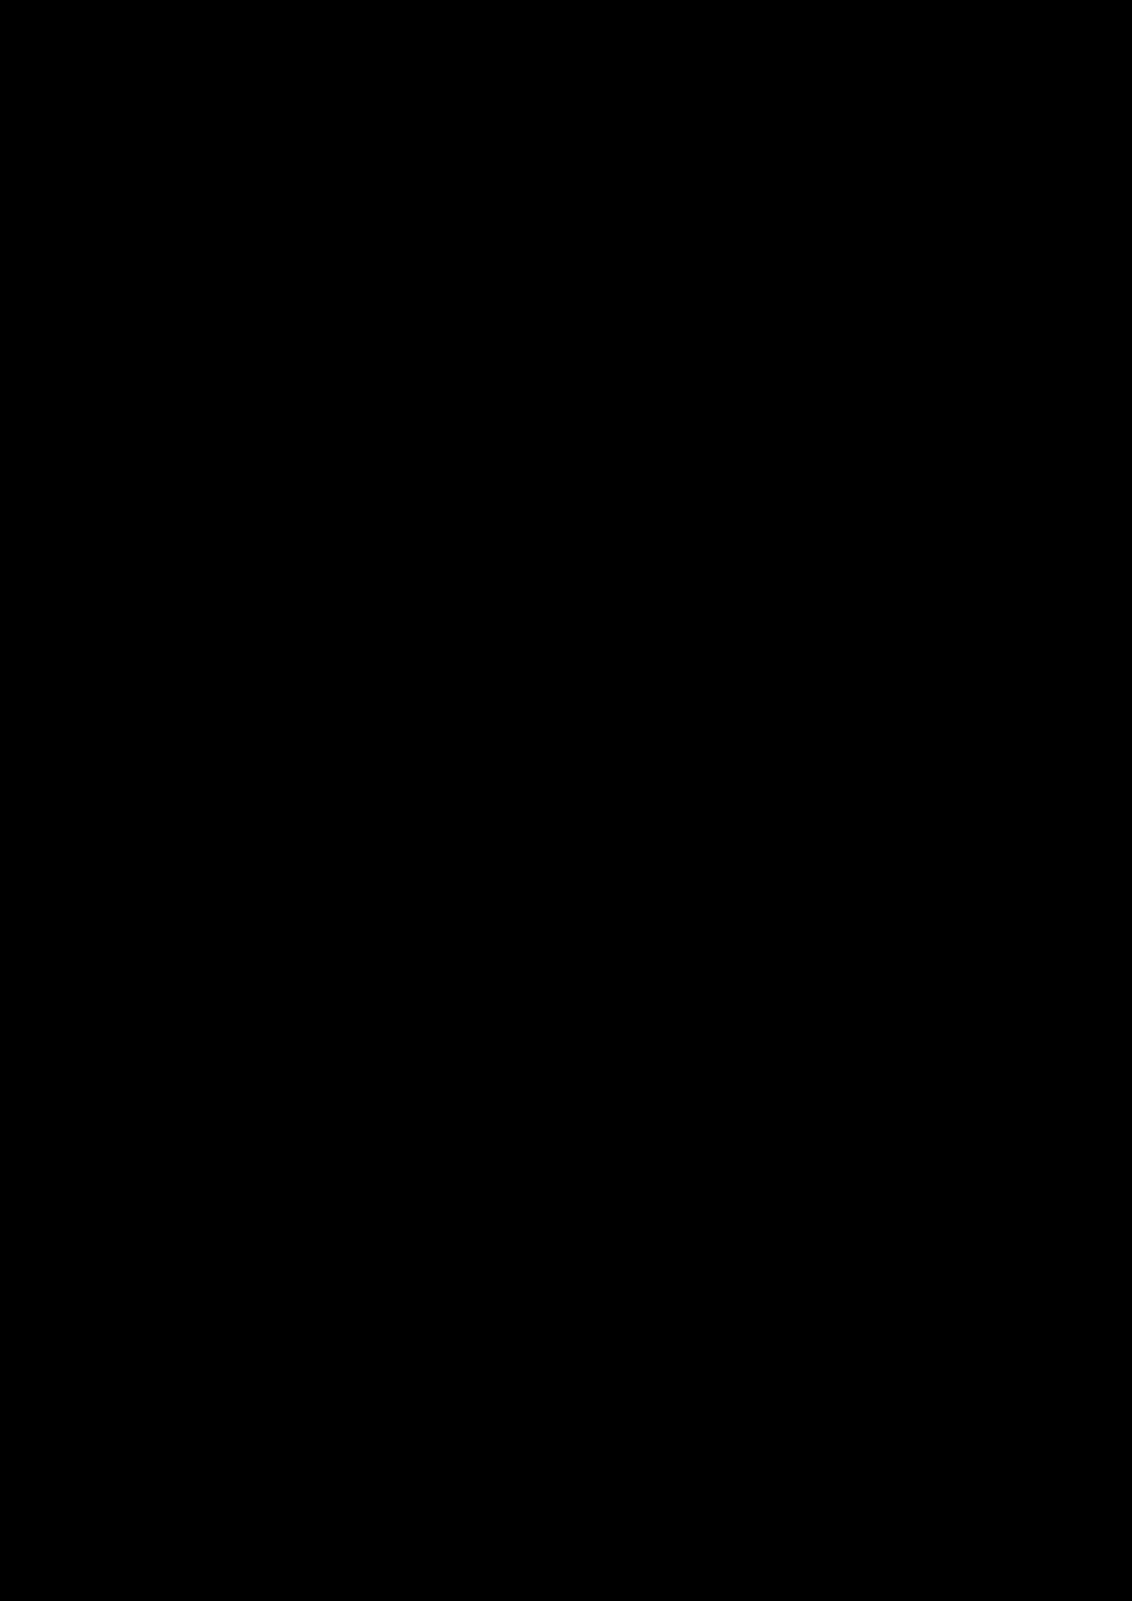 Zagadka volshebnoy stranyi slide, Image 105